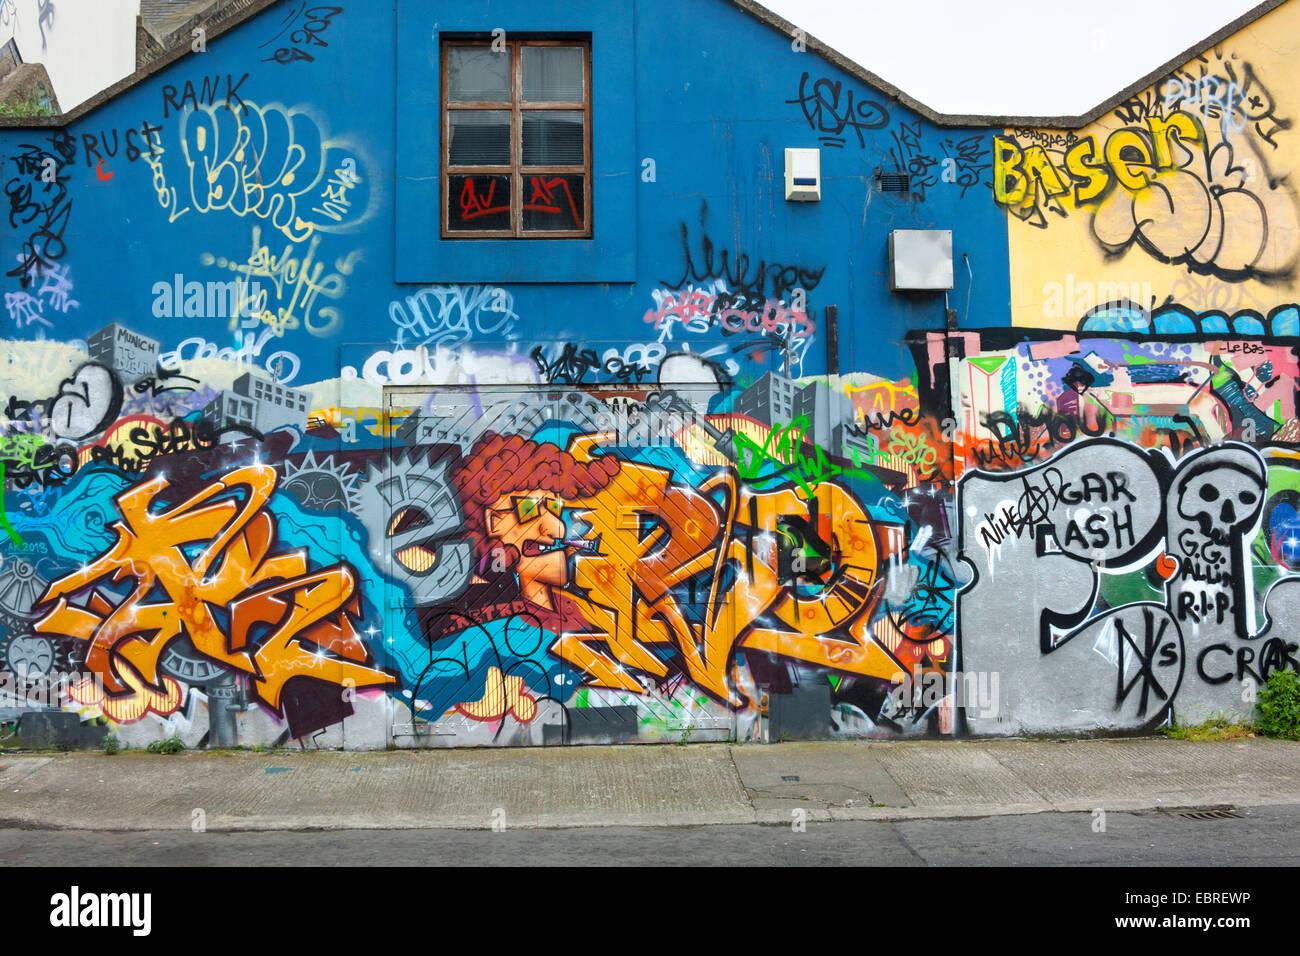 Graffiti wall dublin - Stock Photo Wall Graffiti Dublin Republic Of Ireland Europe